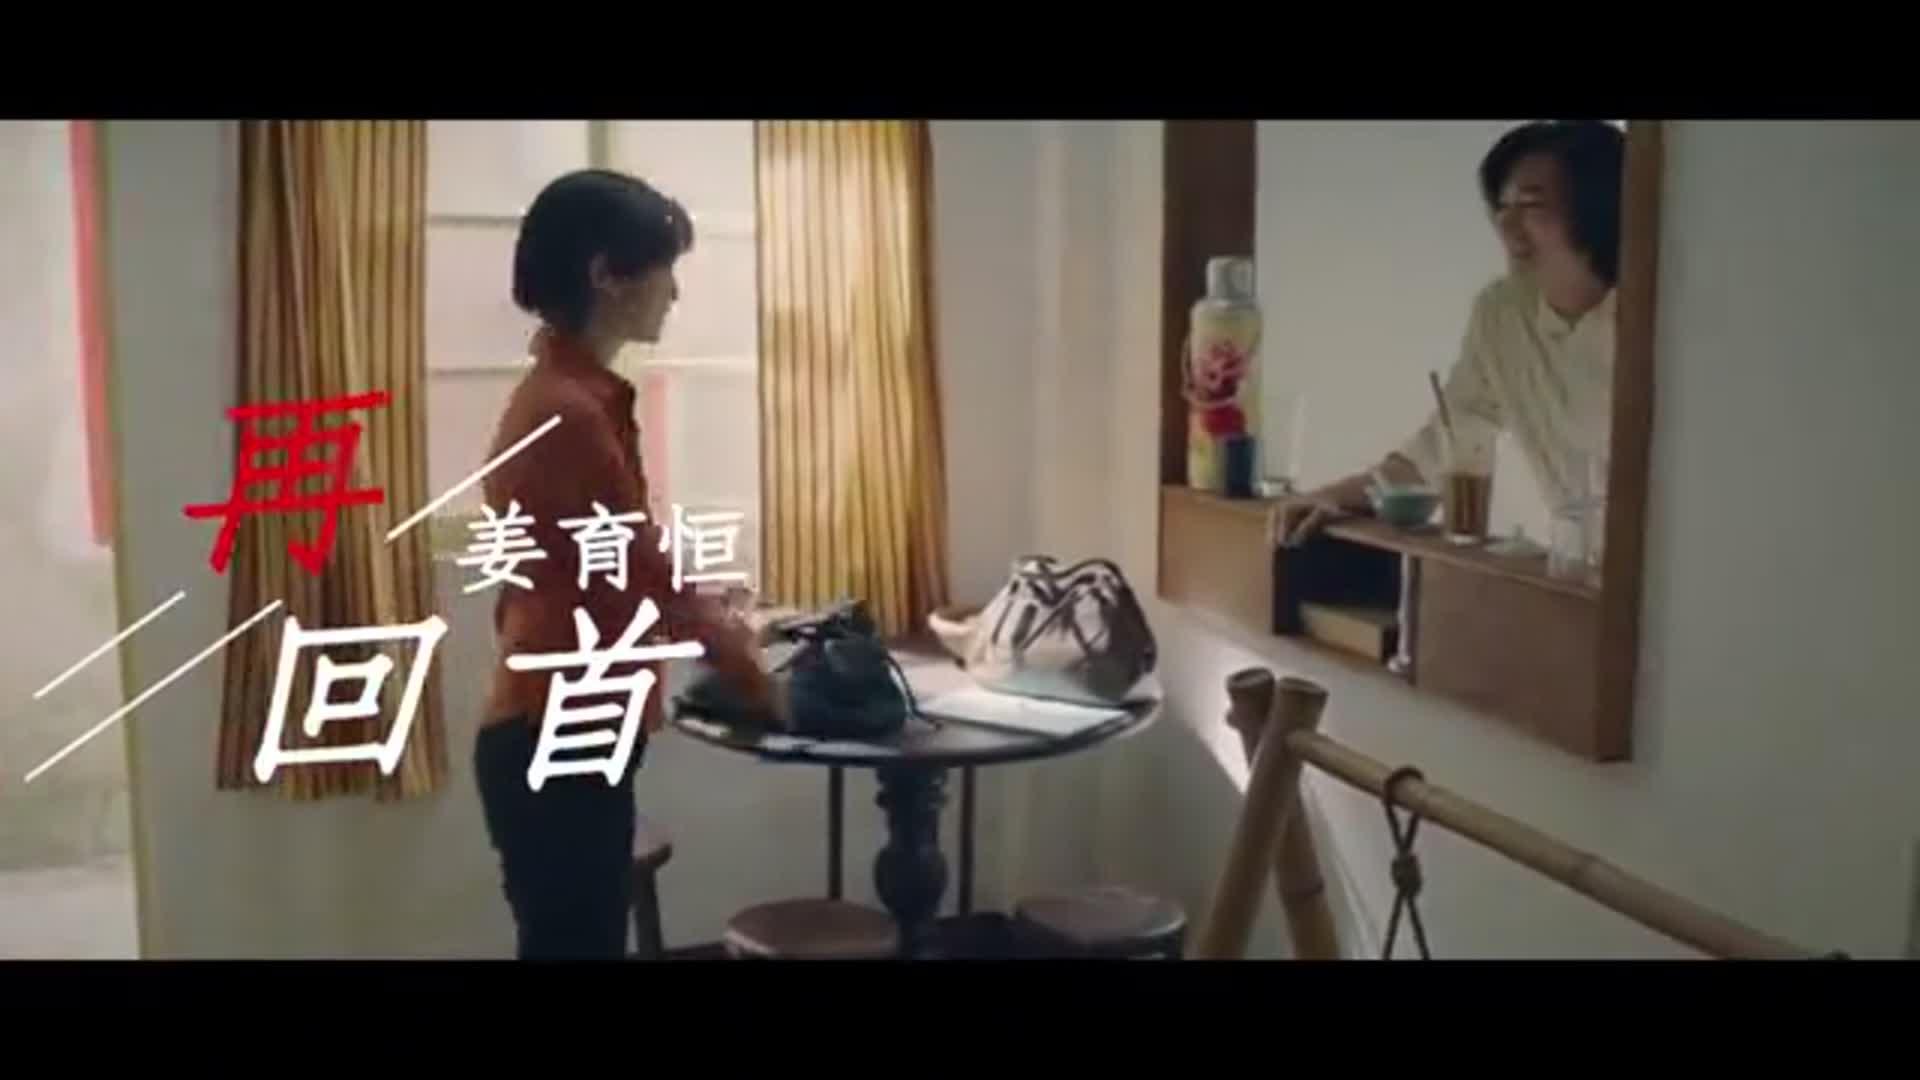 姜育恒当年爆火成名曲《再回首》,老歌经典好听,旋律伤